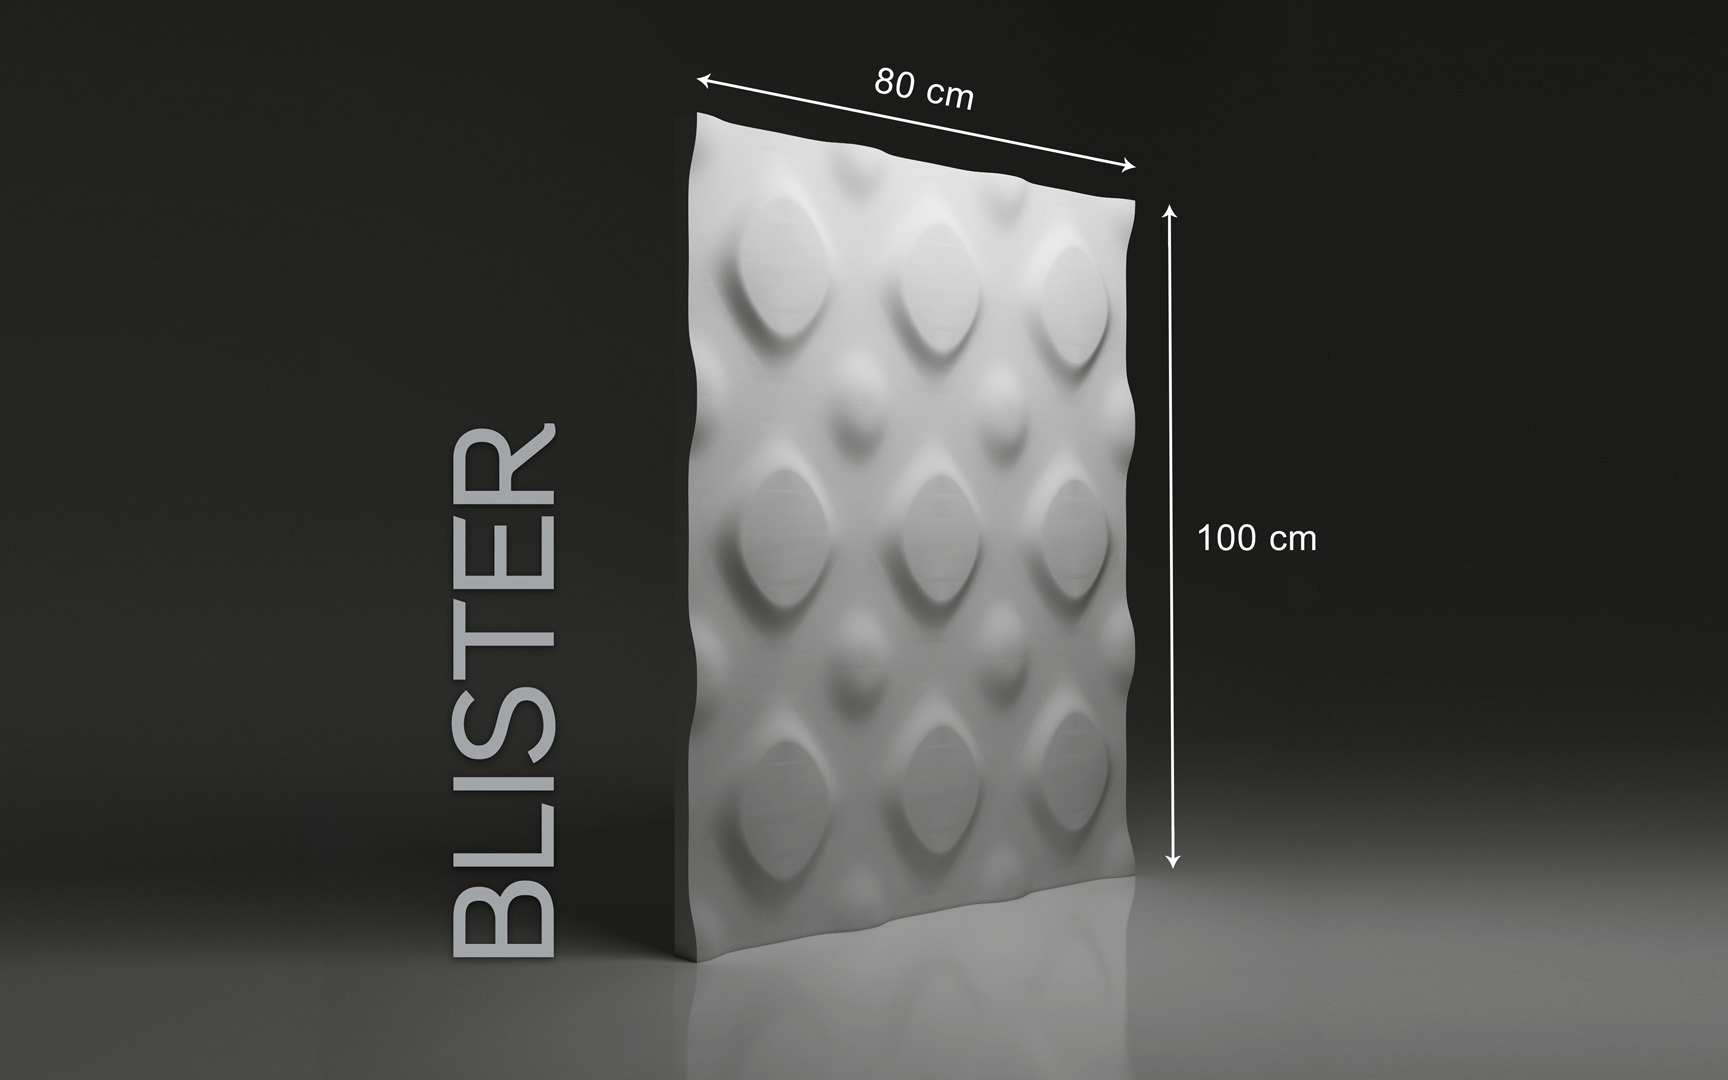 BLISTER DIMENSIONS : hauteur 80 x largeur 100 cm ÉPAISSEUR : de 1,5 cm à 3,0 cm  POIDS : environ 12 kg